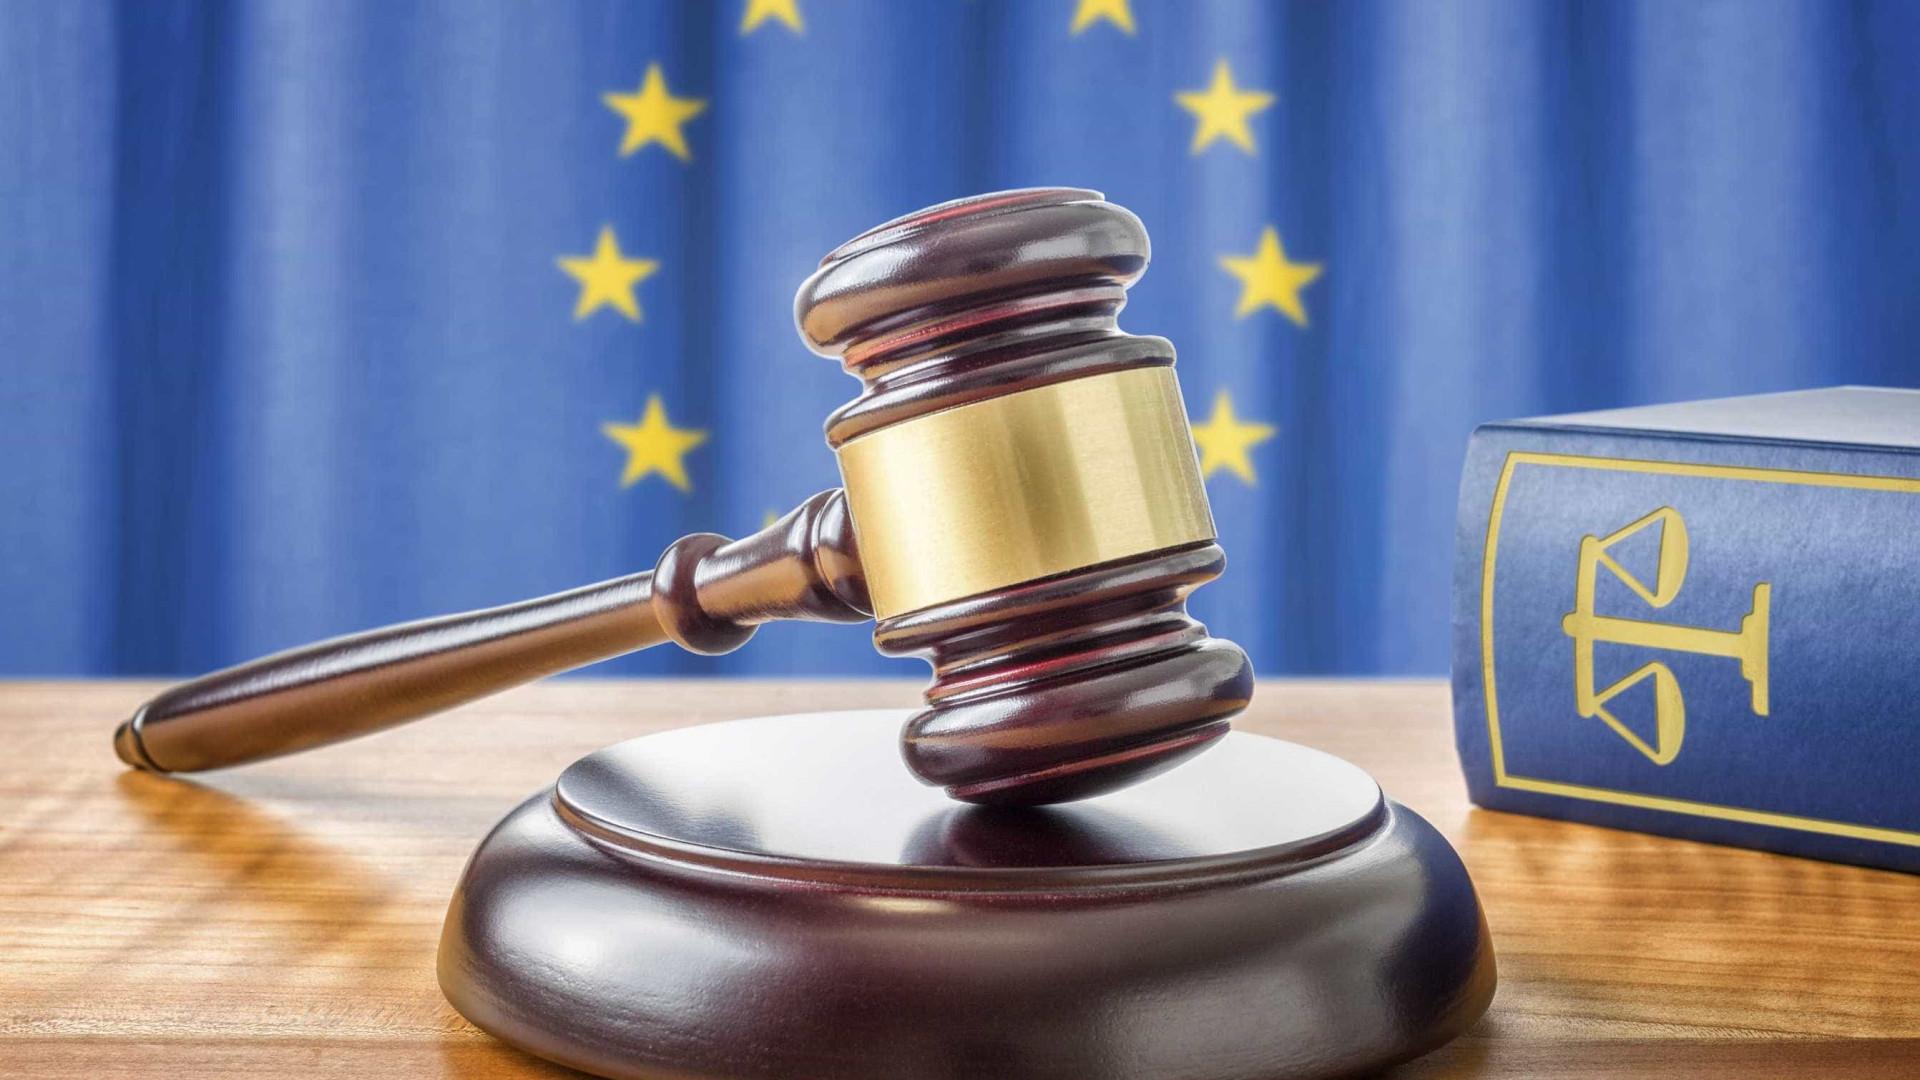 DGRM evita processo em Tribunal Europeu contra Portugal